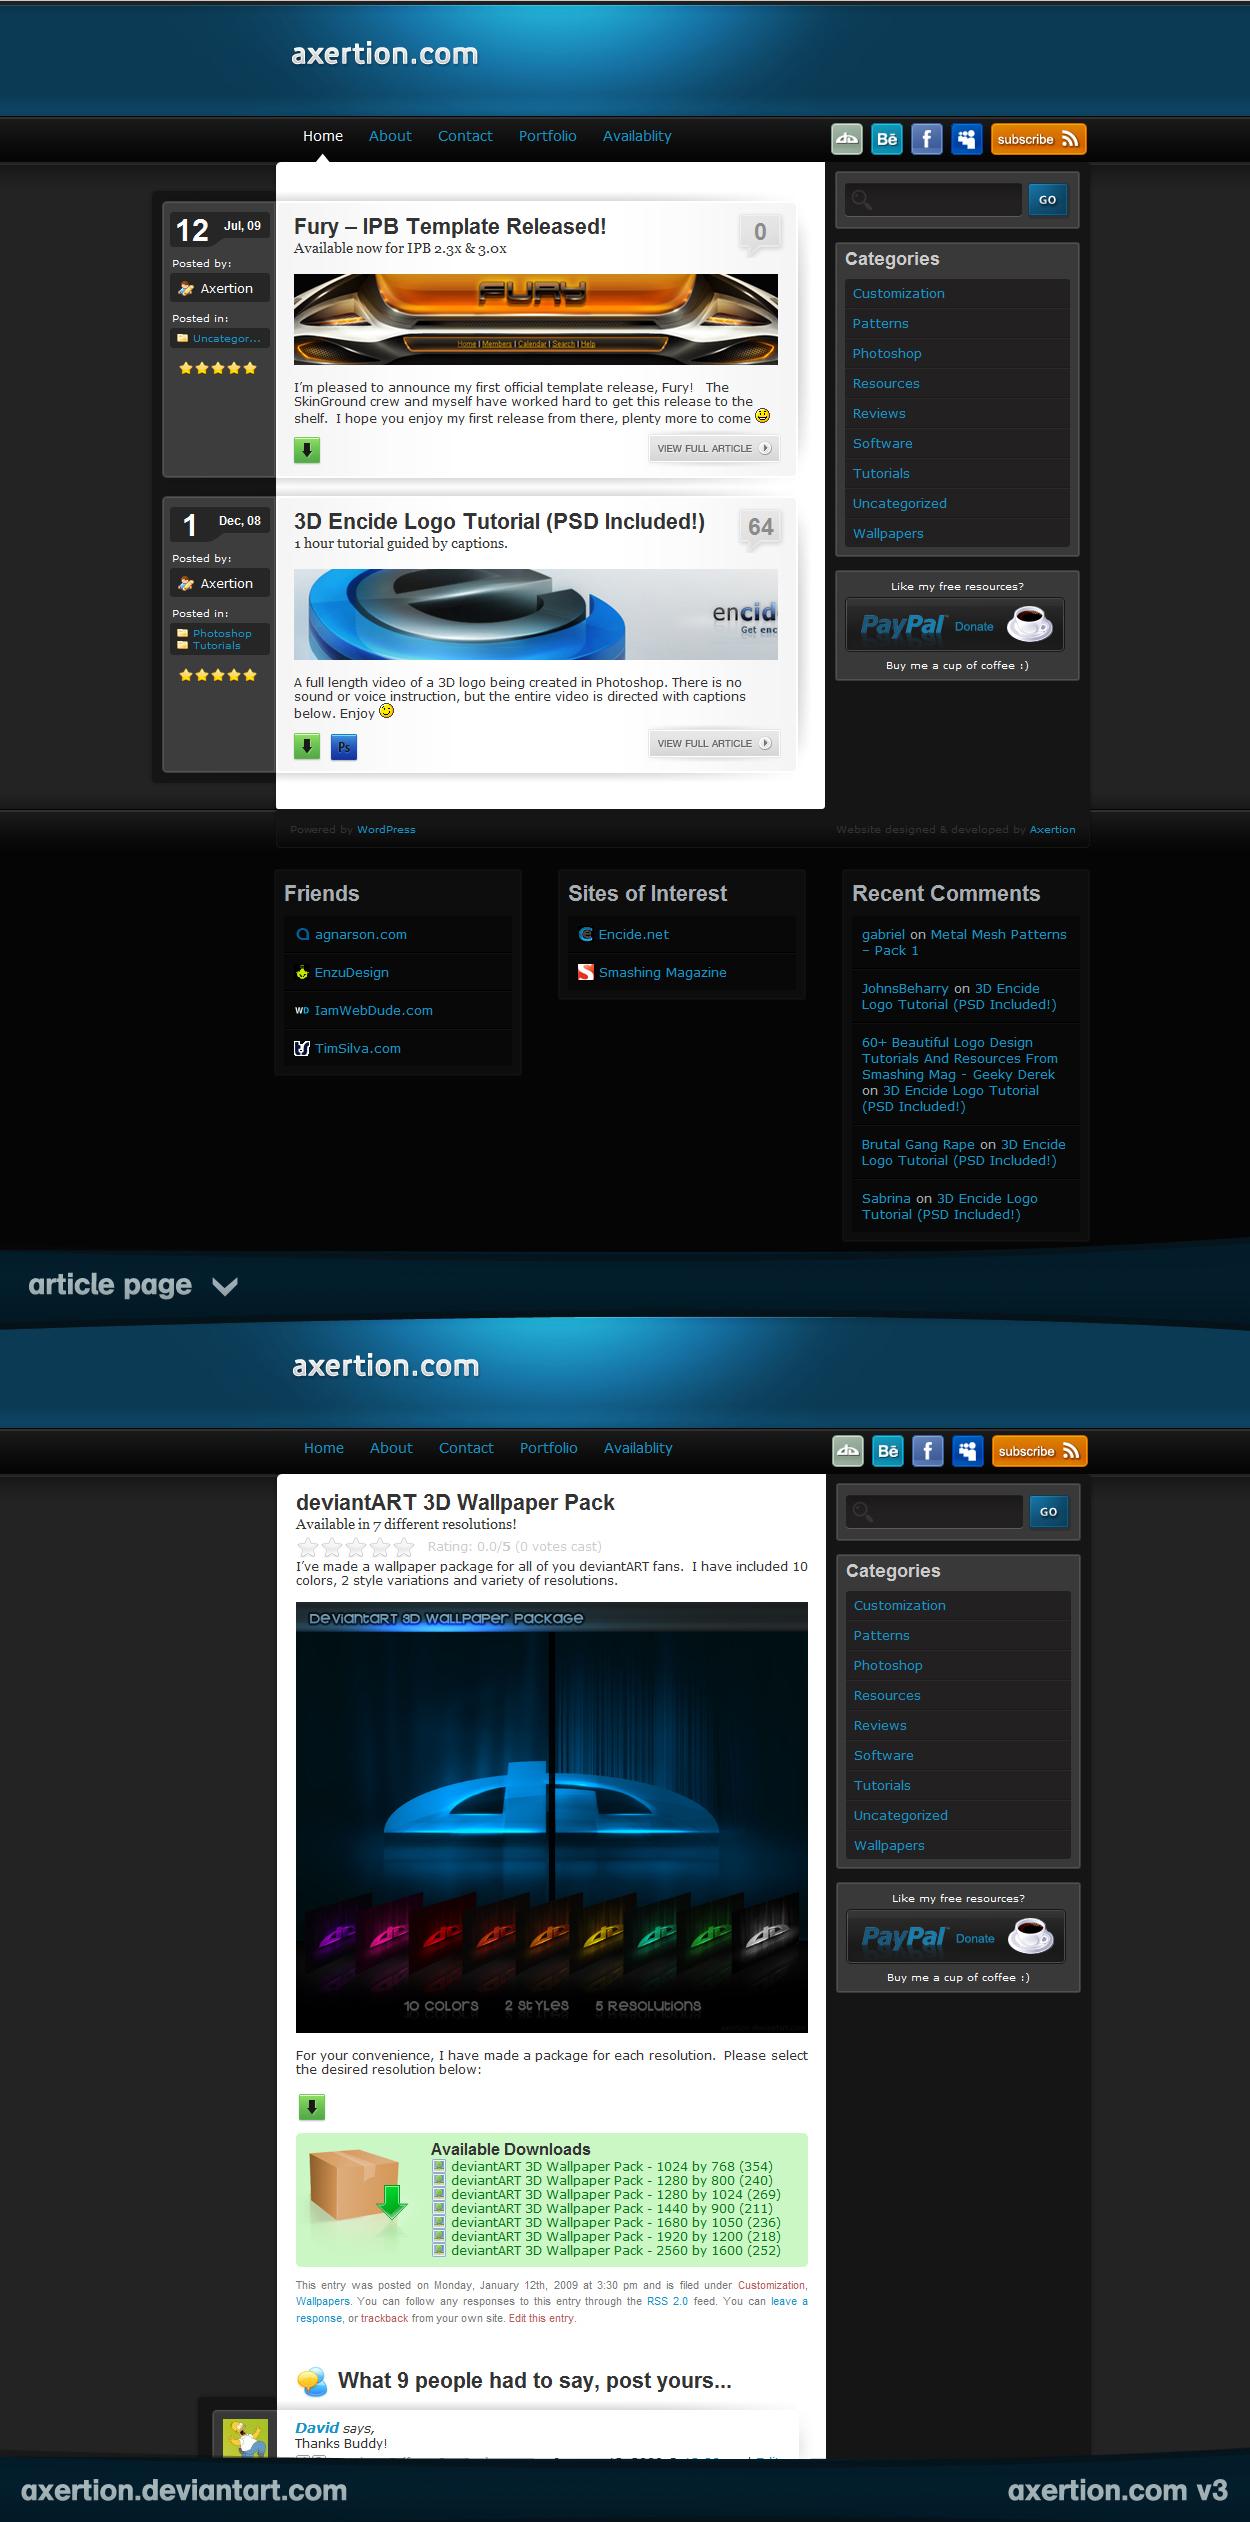 axertion.com v3 by Axertion